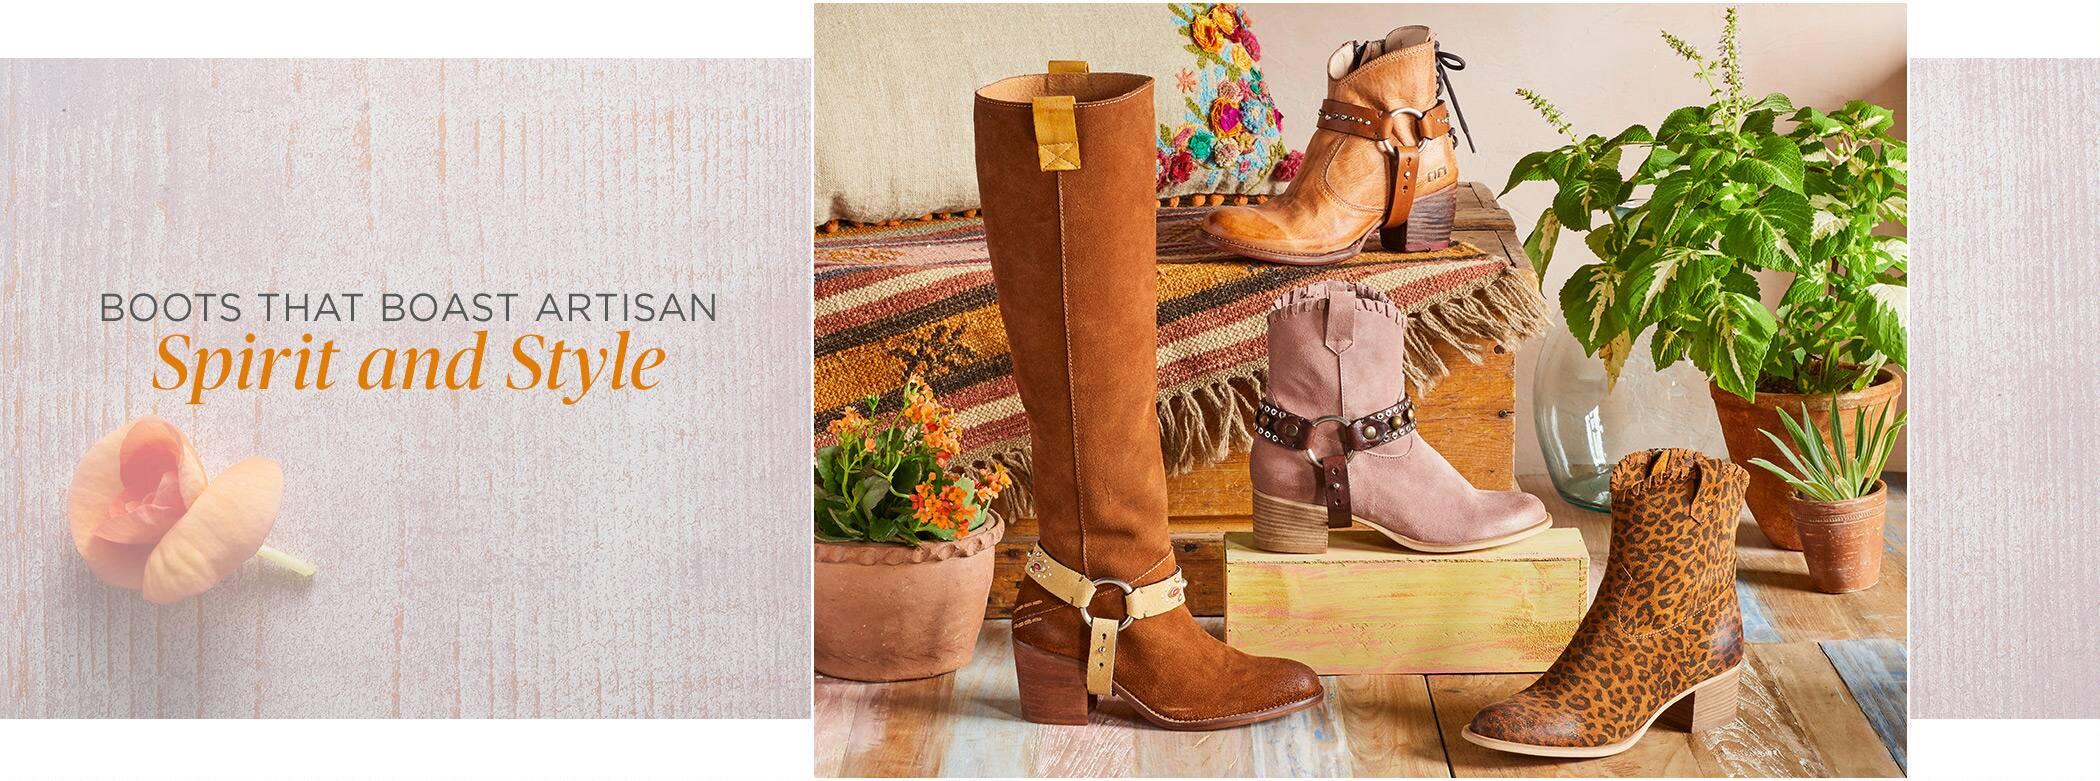 Women's Footwear & Handbags